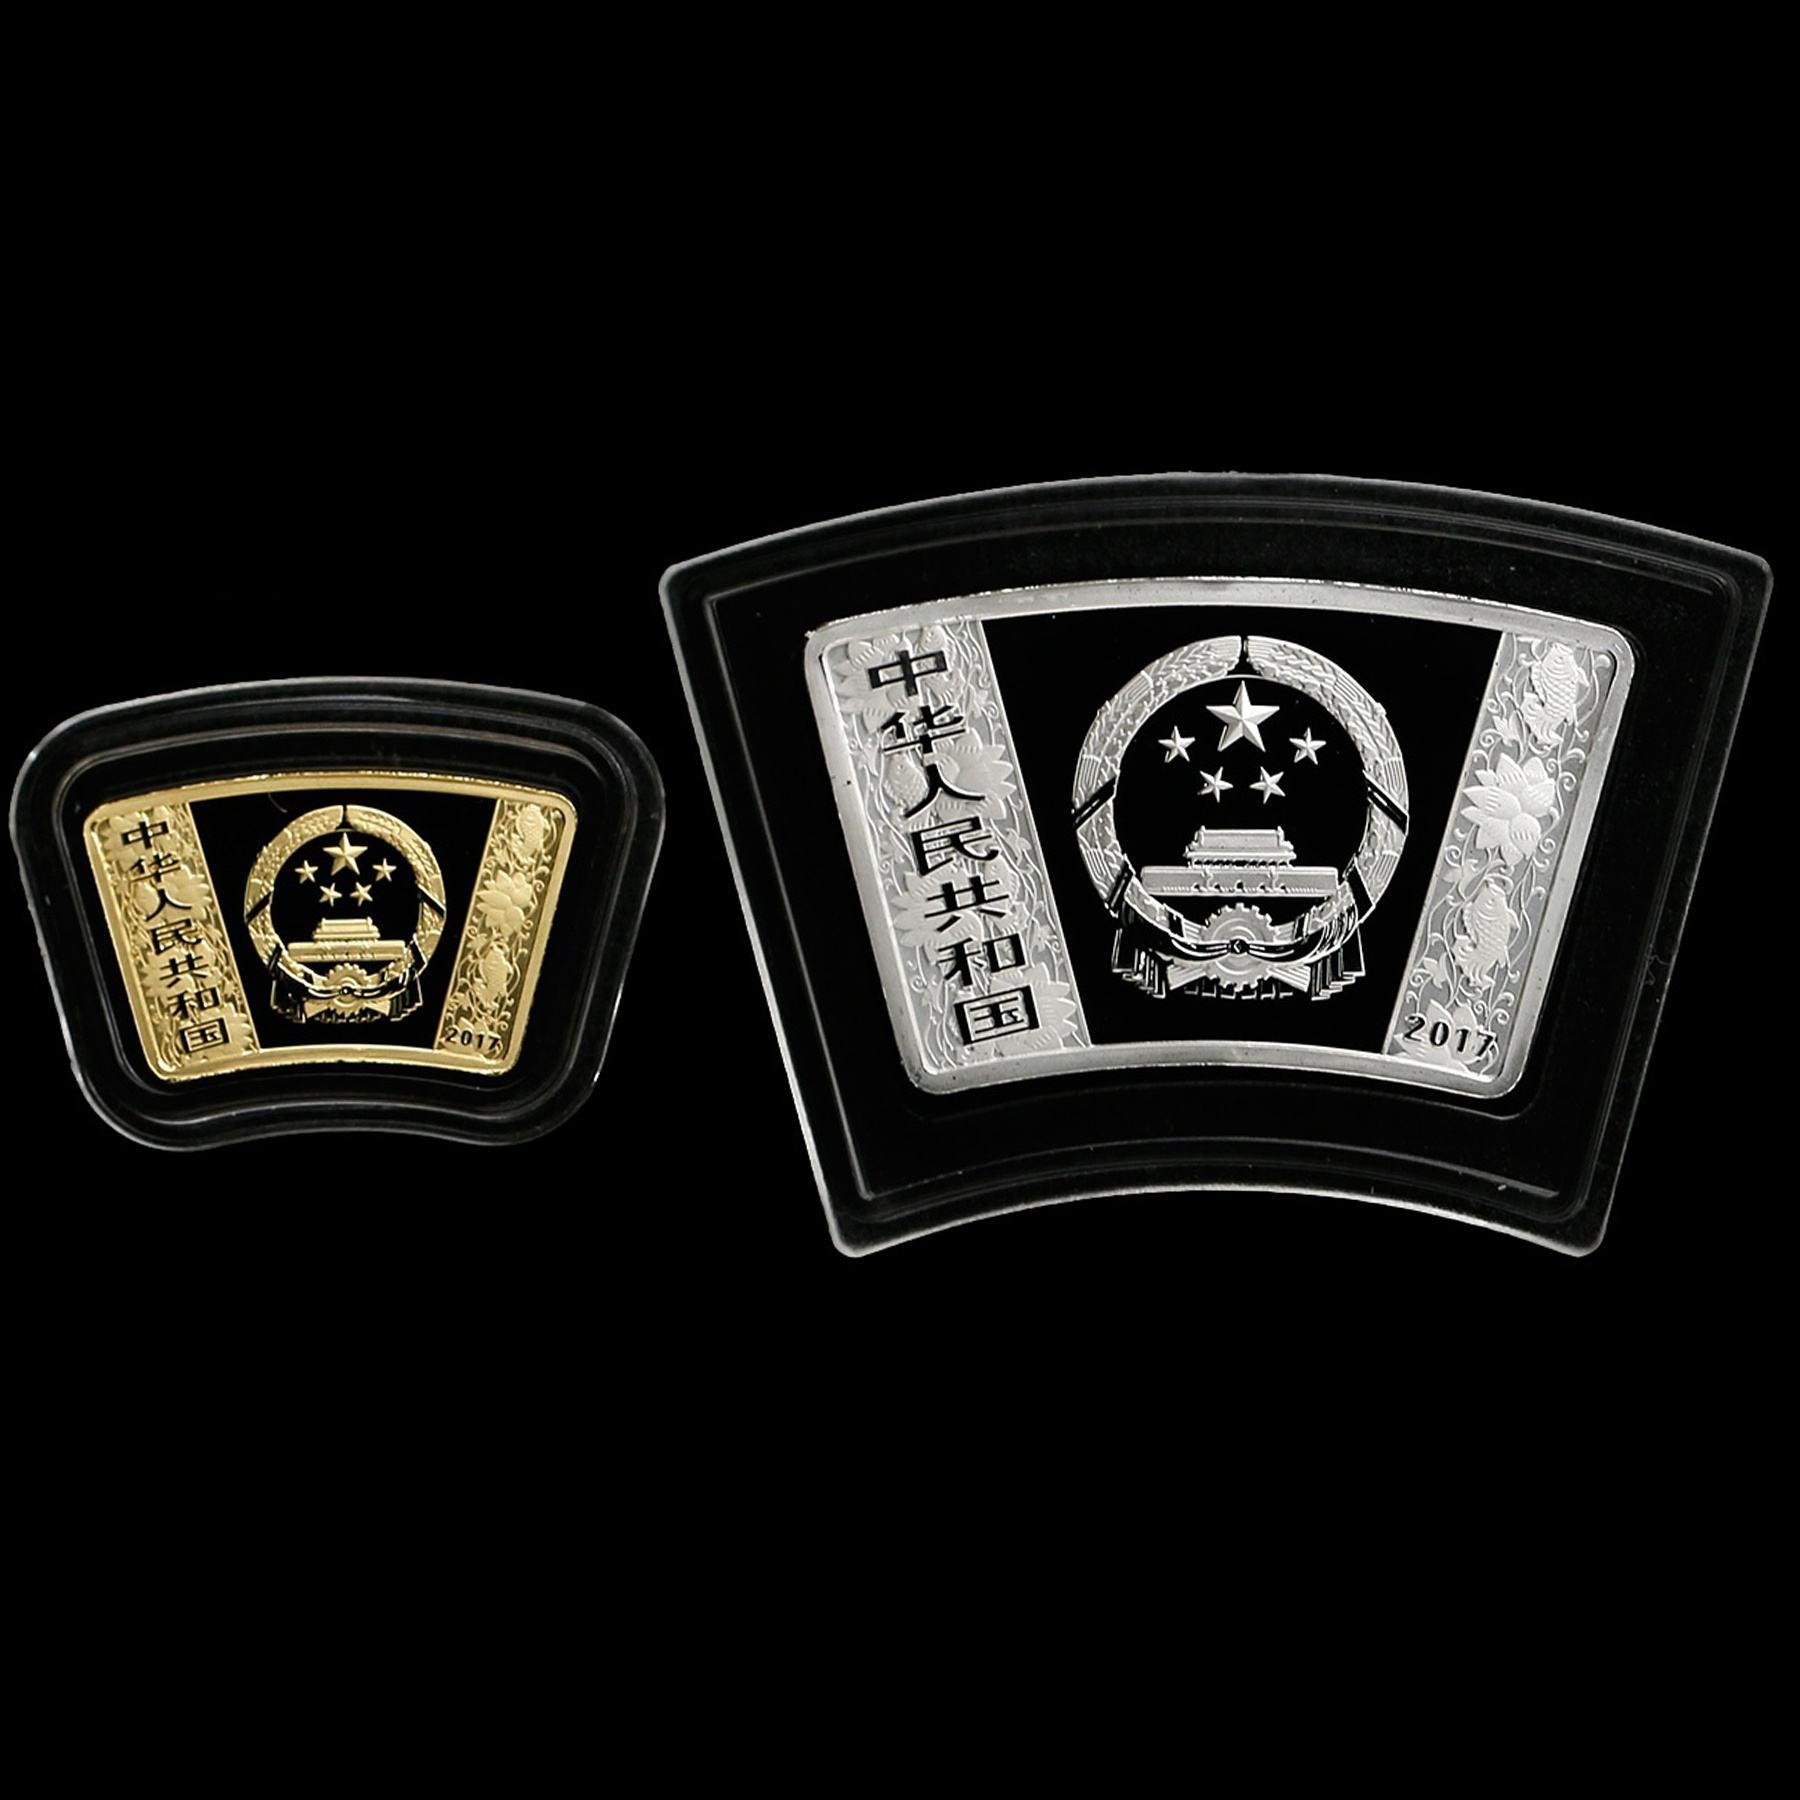 第二�香港欧美黄片生肖扇形金�y��r格值多少�X?第二�生肖扇形金�y�攀��